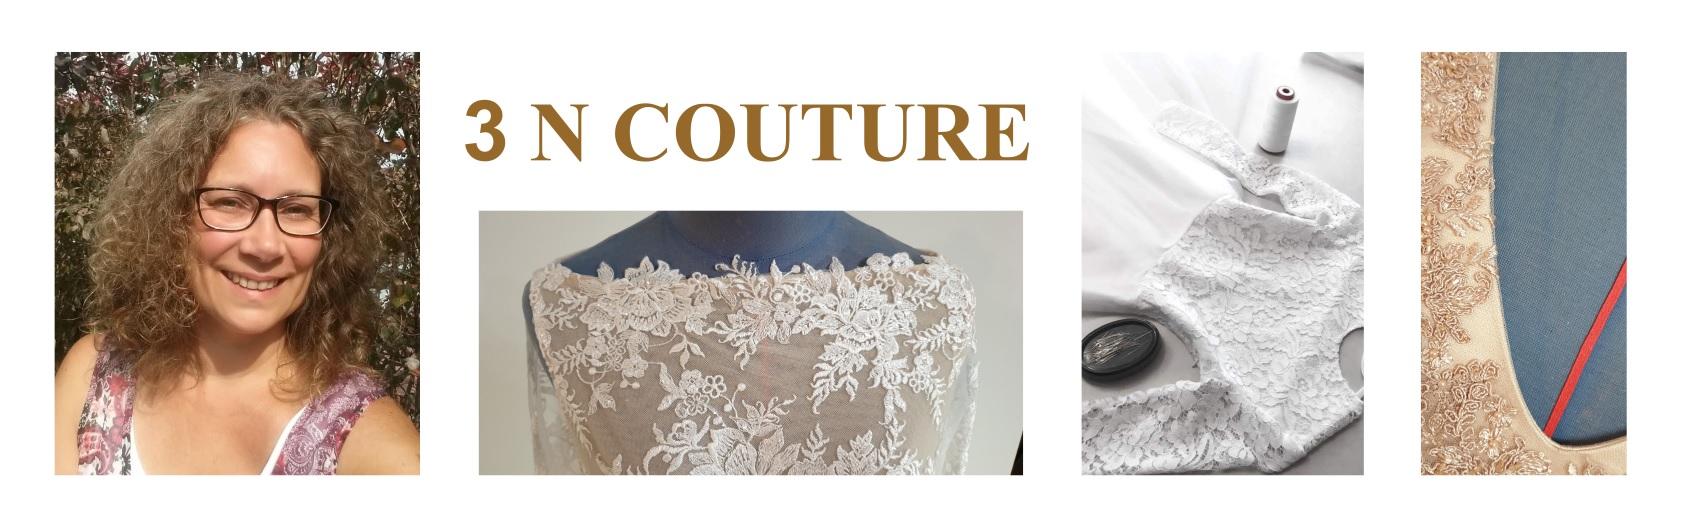 Tous les vêtements en photo sont conçus et réalisés par notre artisan